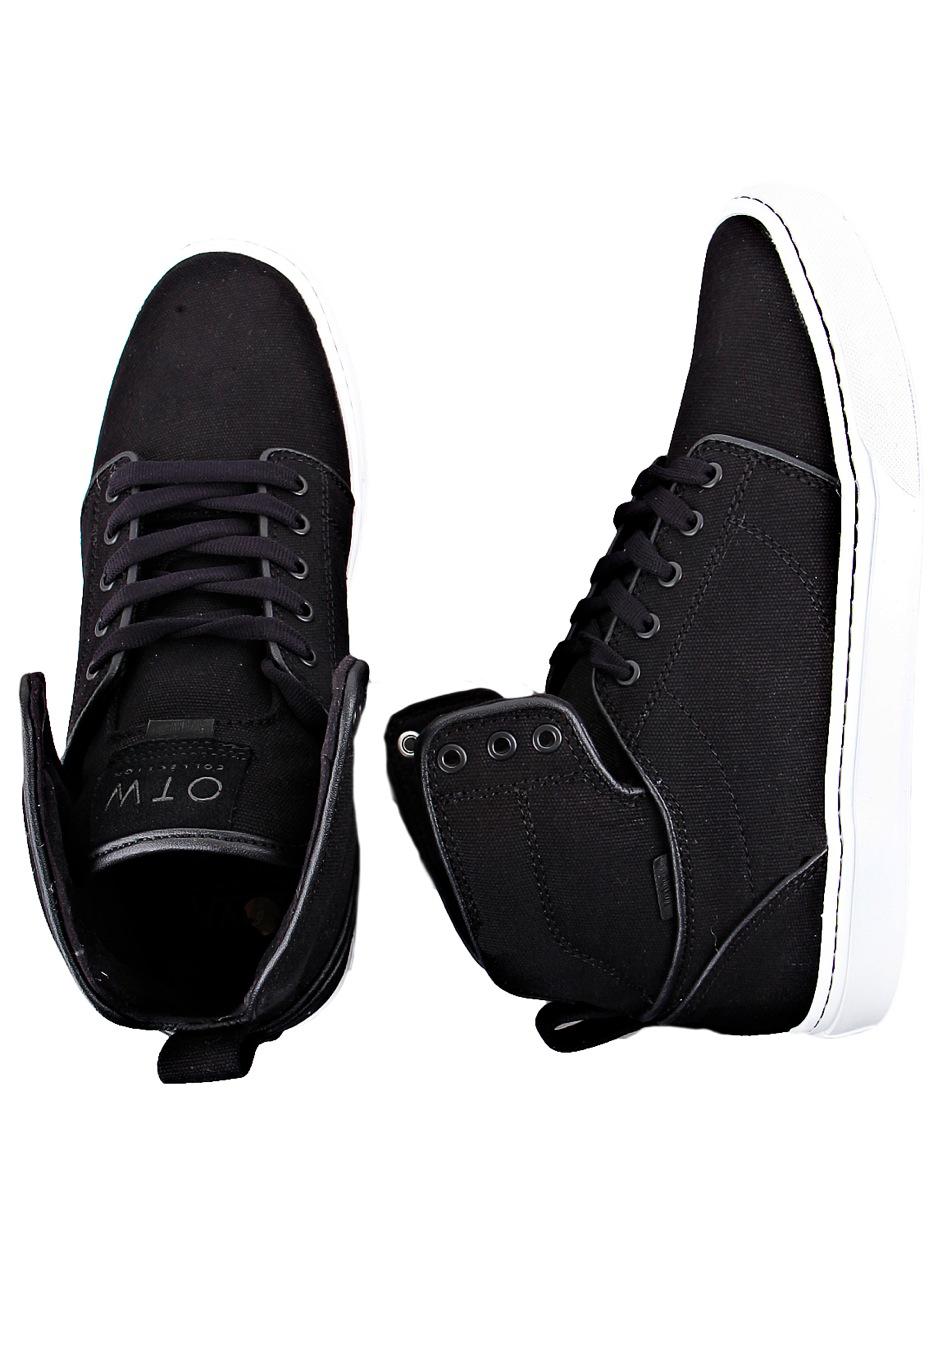 3b6d5b48e5 Vans - Alomar Black Canvas - Shoes - Impericon.com Worldwide